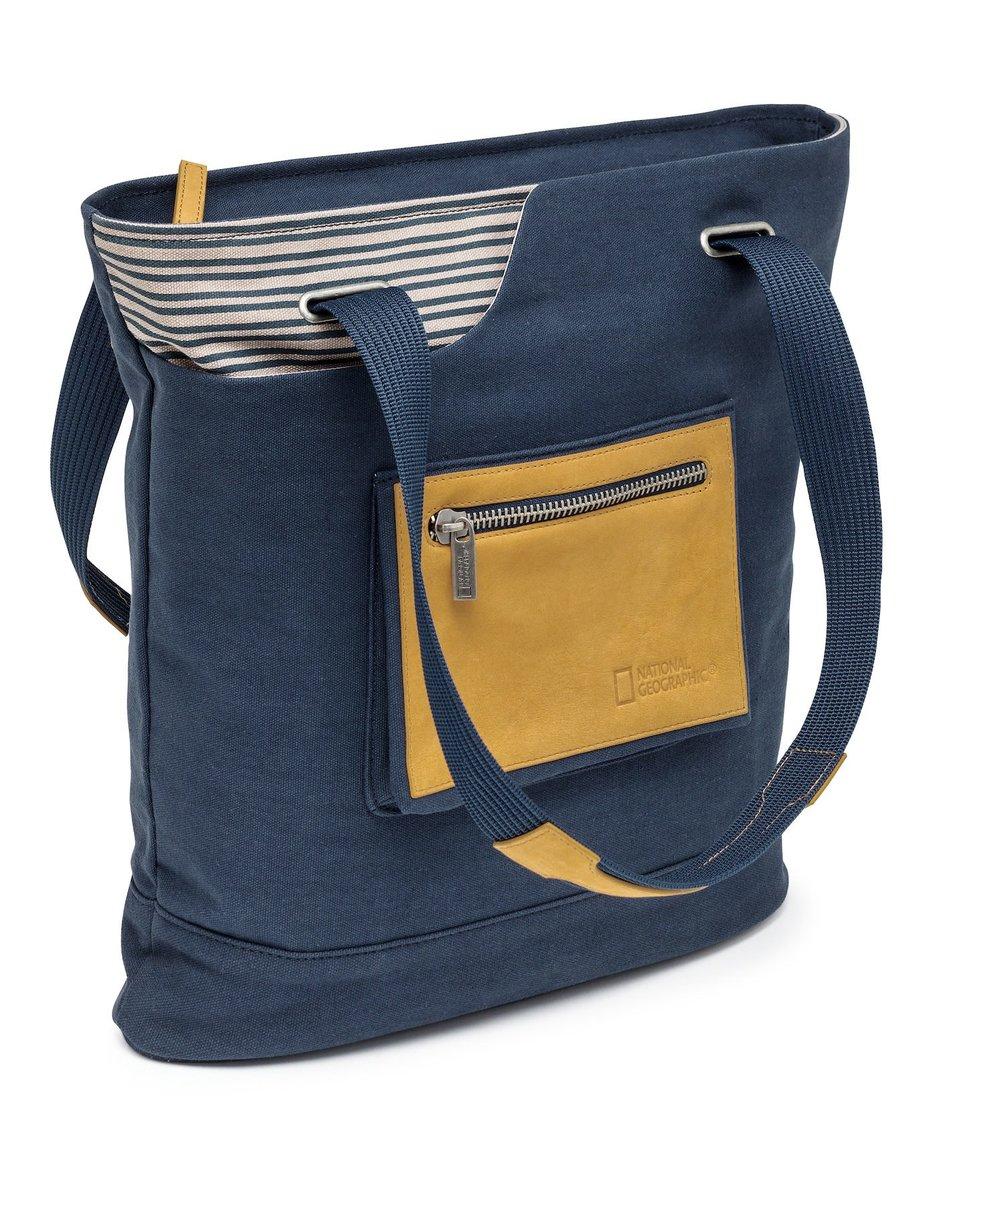 NG MediterraneanCamera Tote Bag -